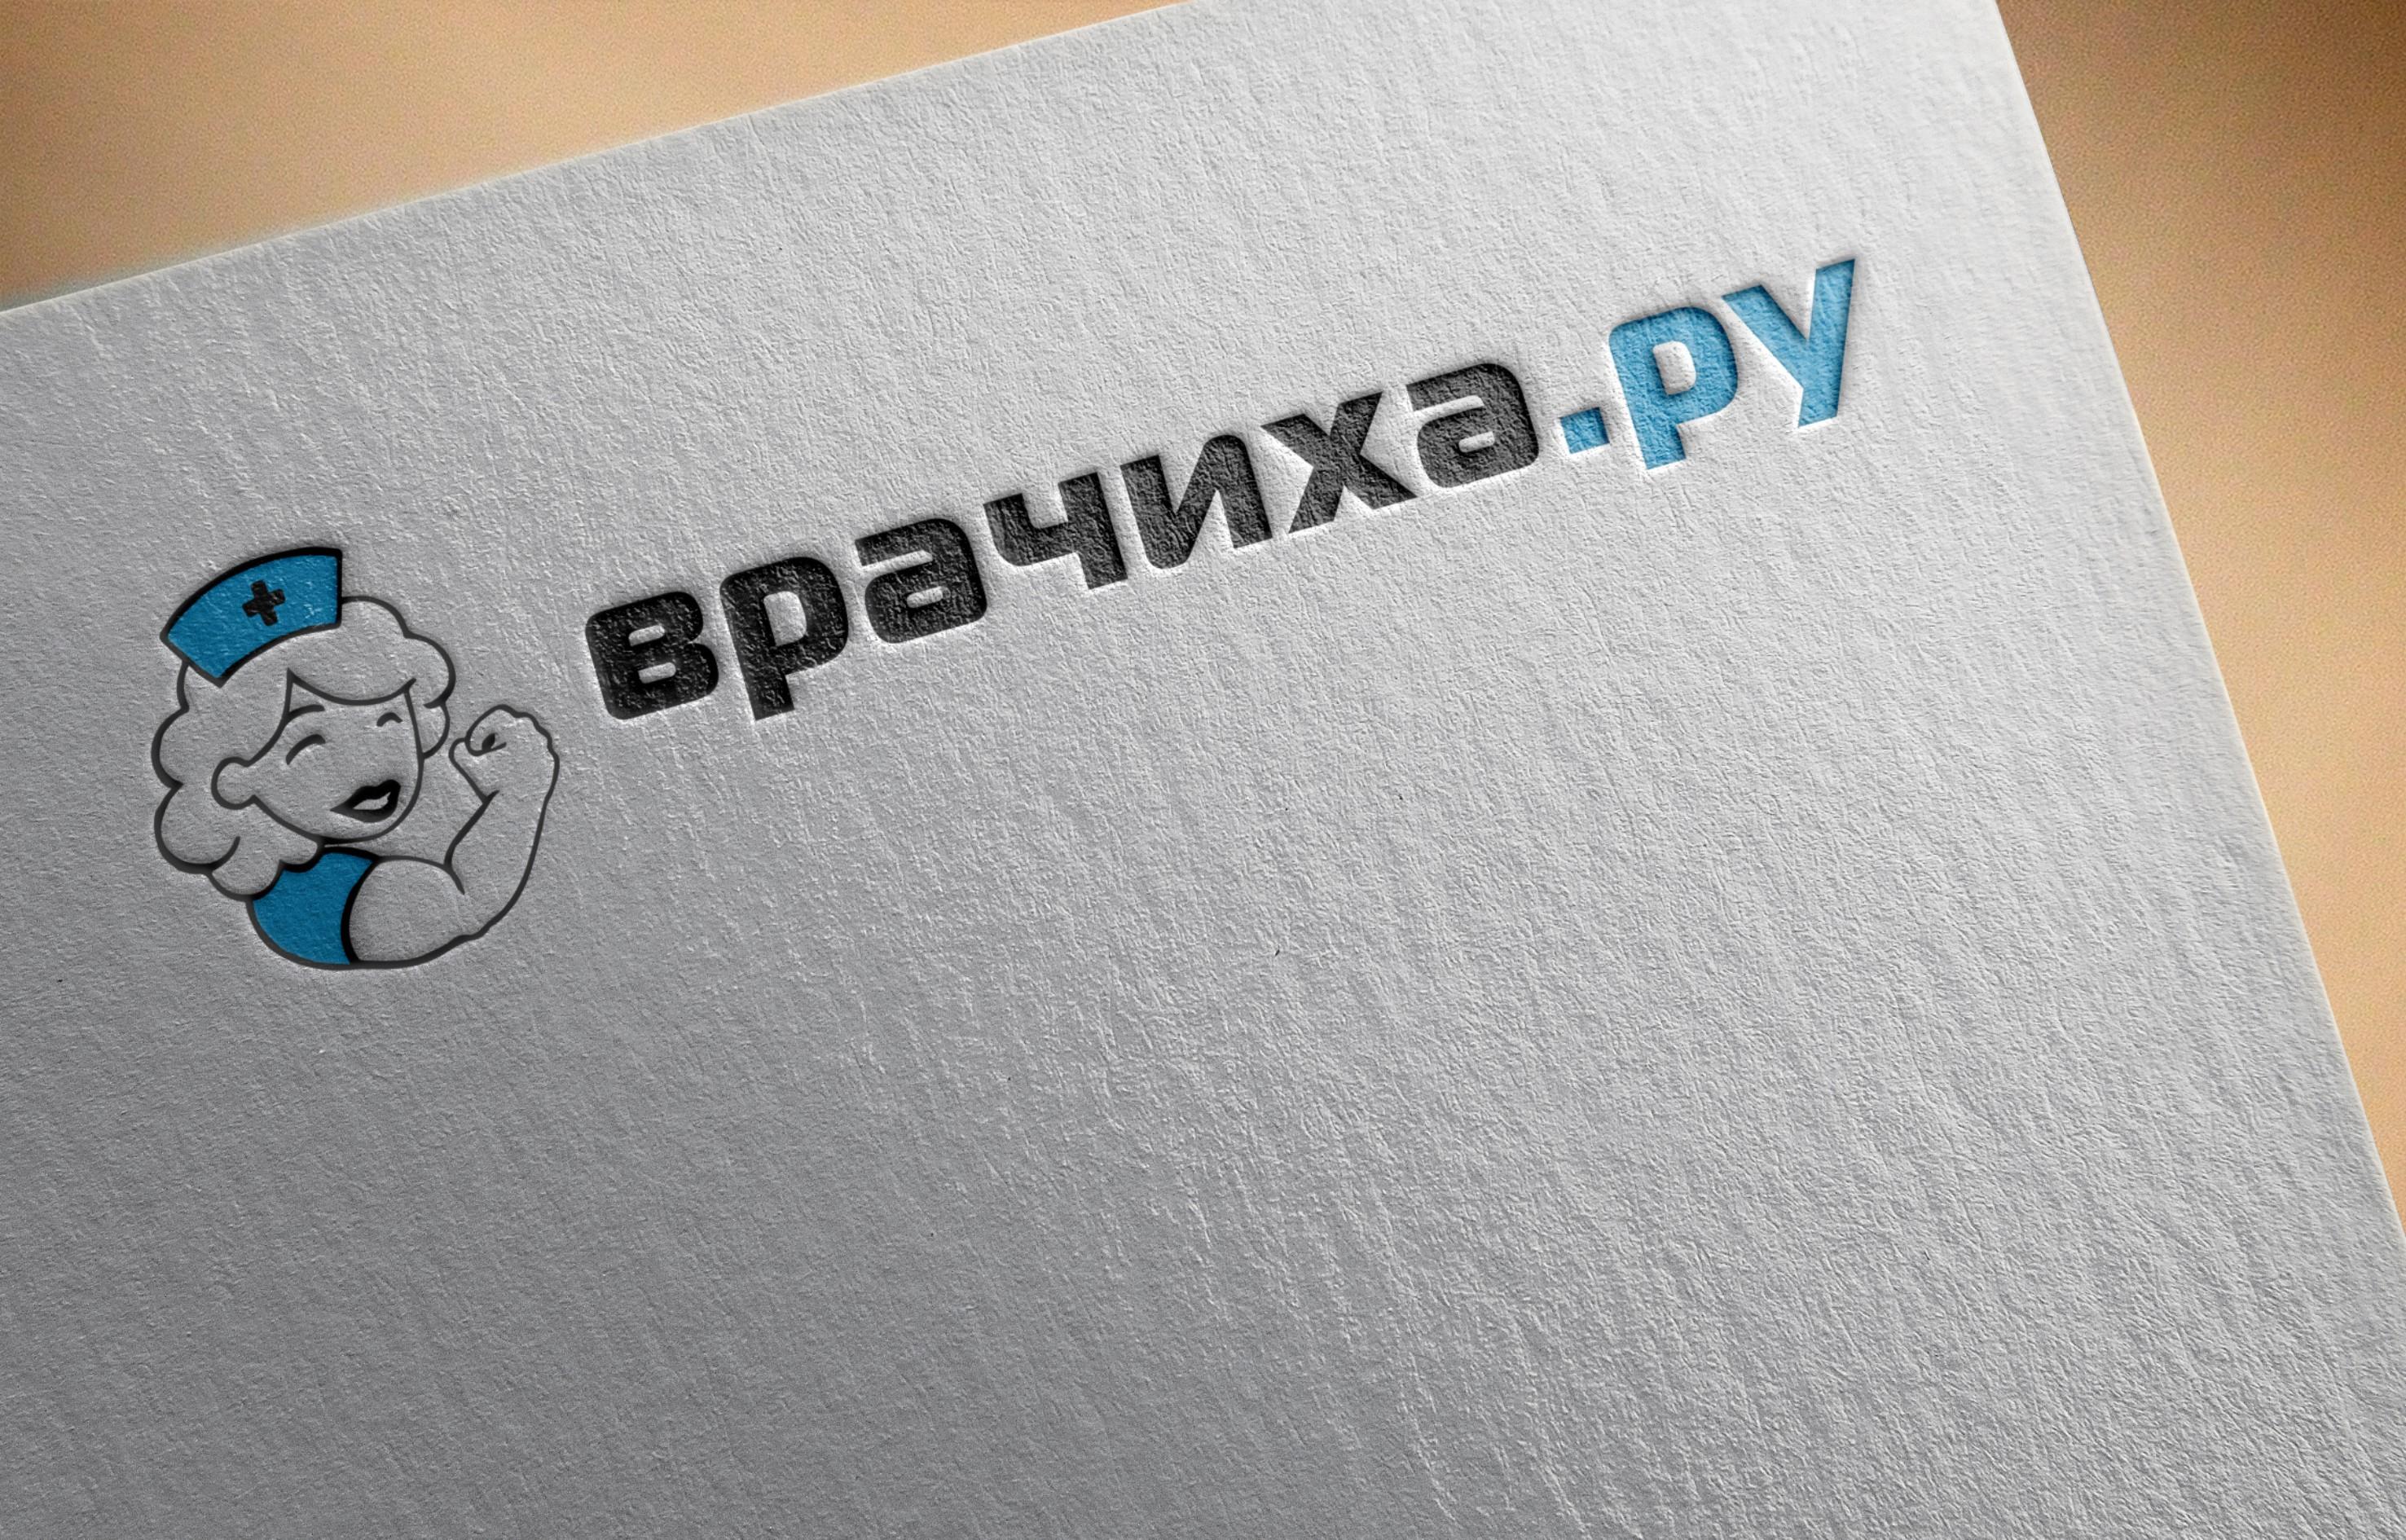 Необходимо разработать логотип для медицинского портала фото f_5485c001869244c0.jpg